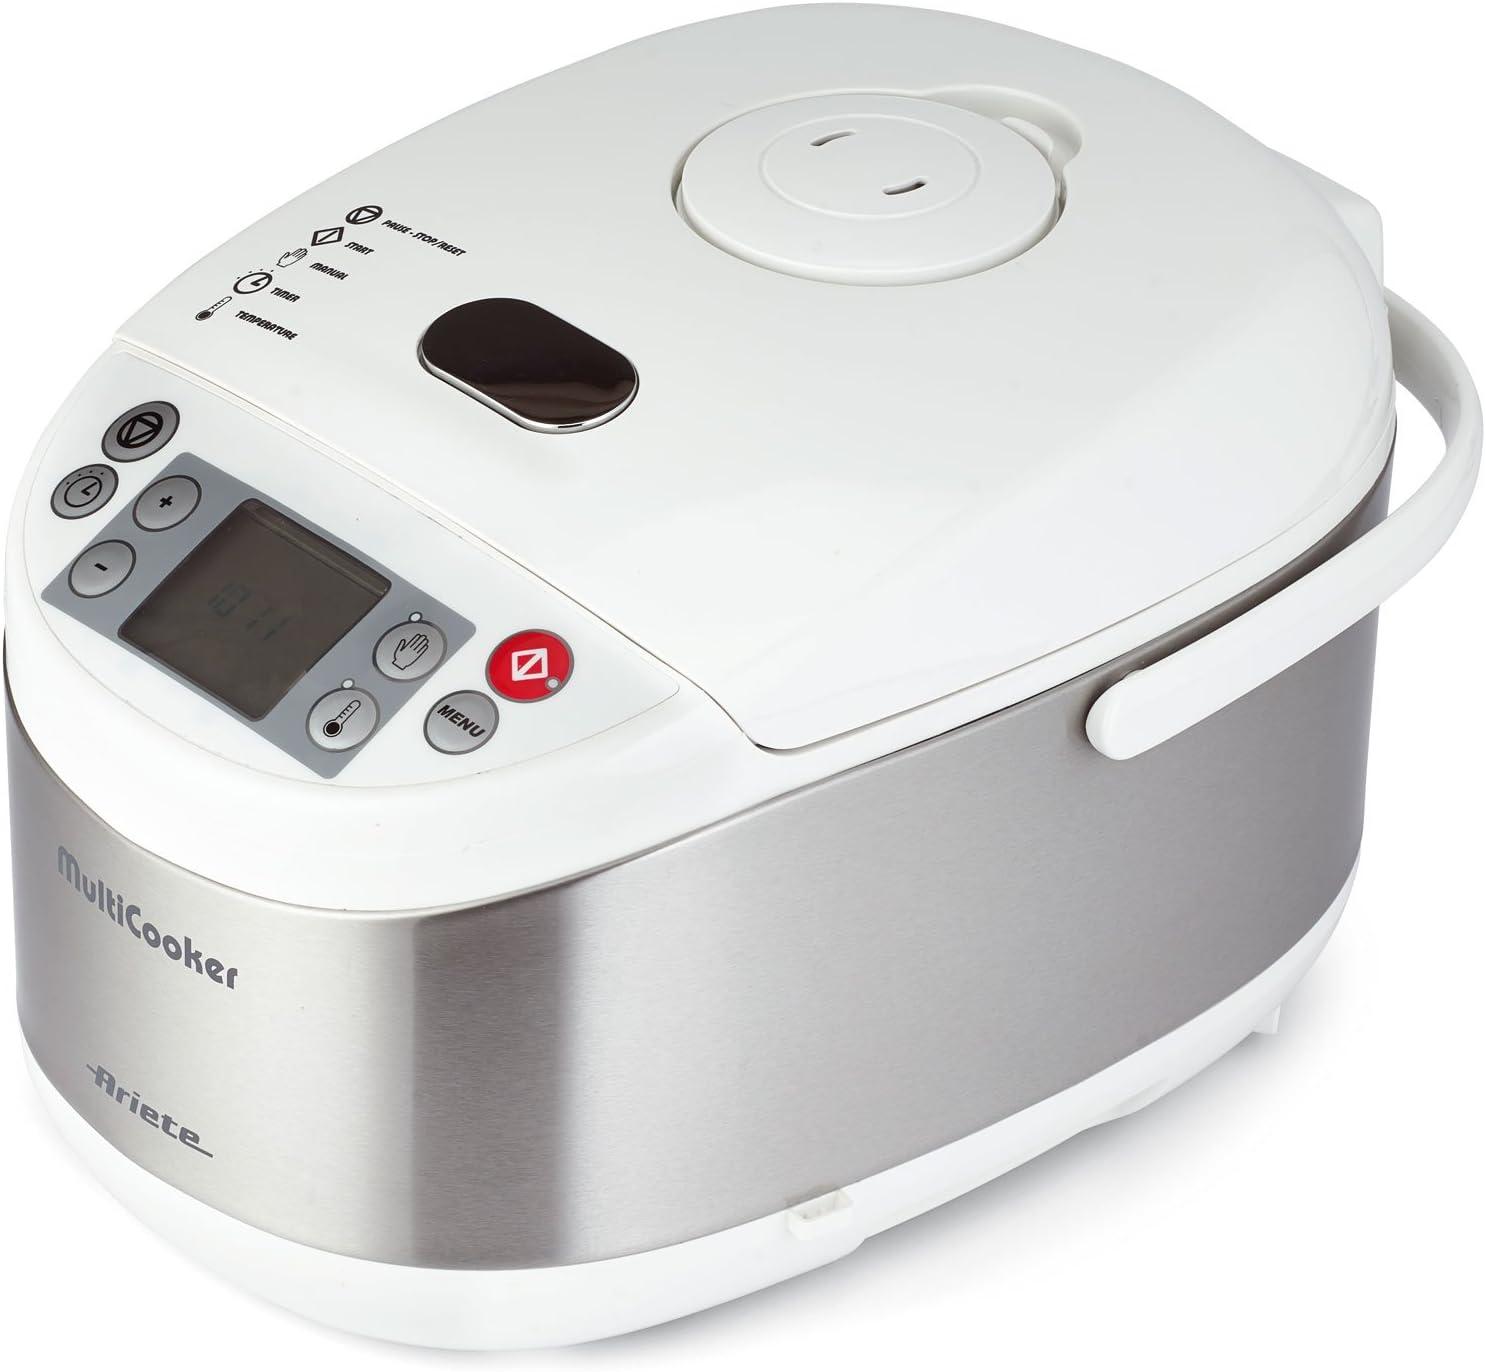 Ariete Multicooker - Olla eléctrica programable, color blanco y plateado (versión italiana): Amazon.es: Hogar